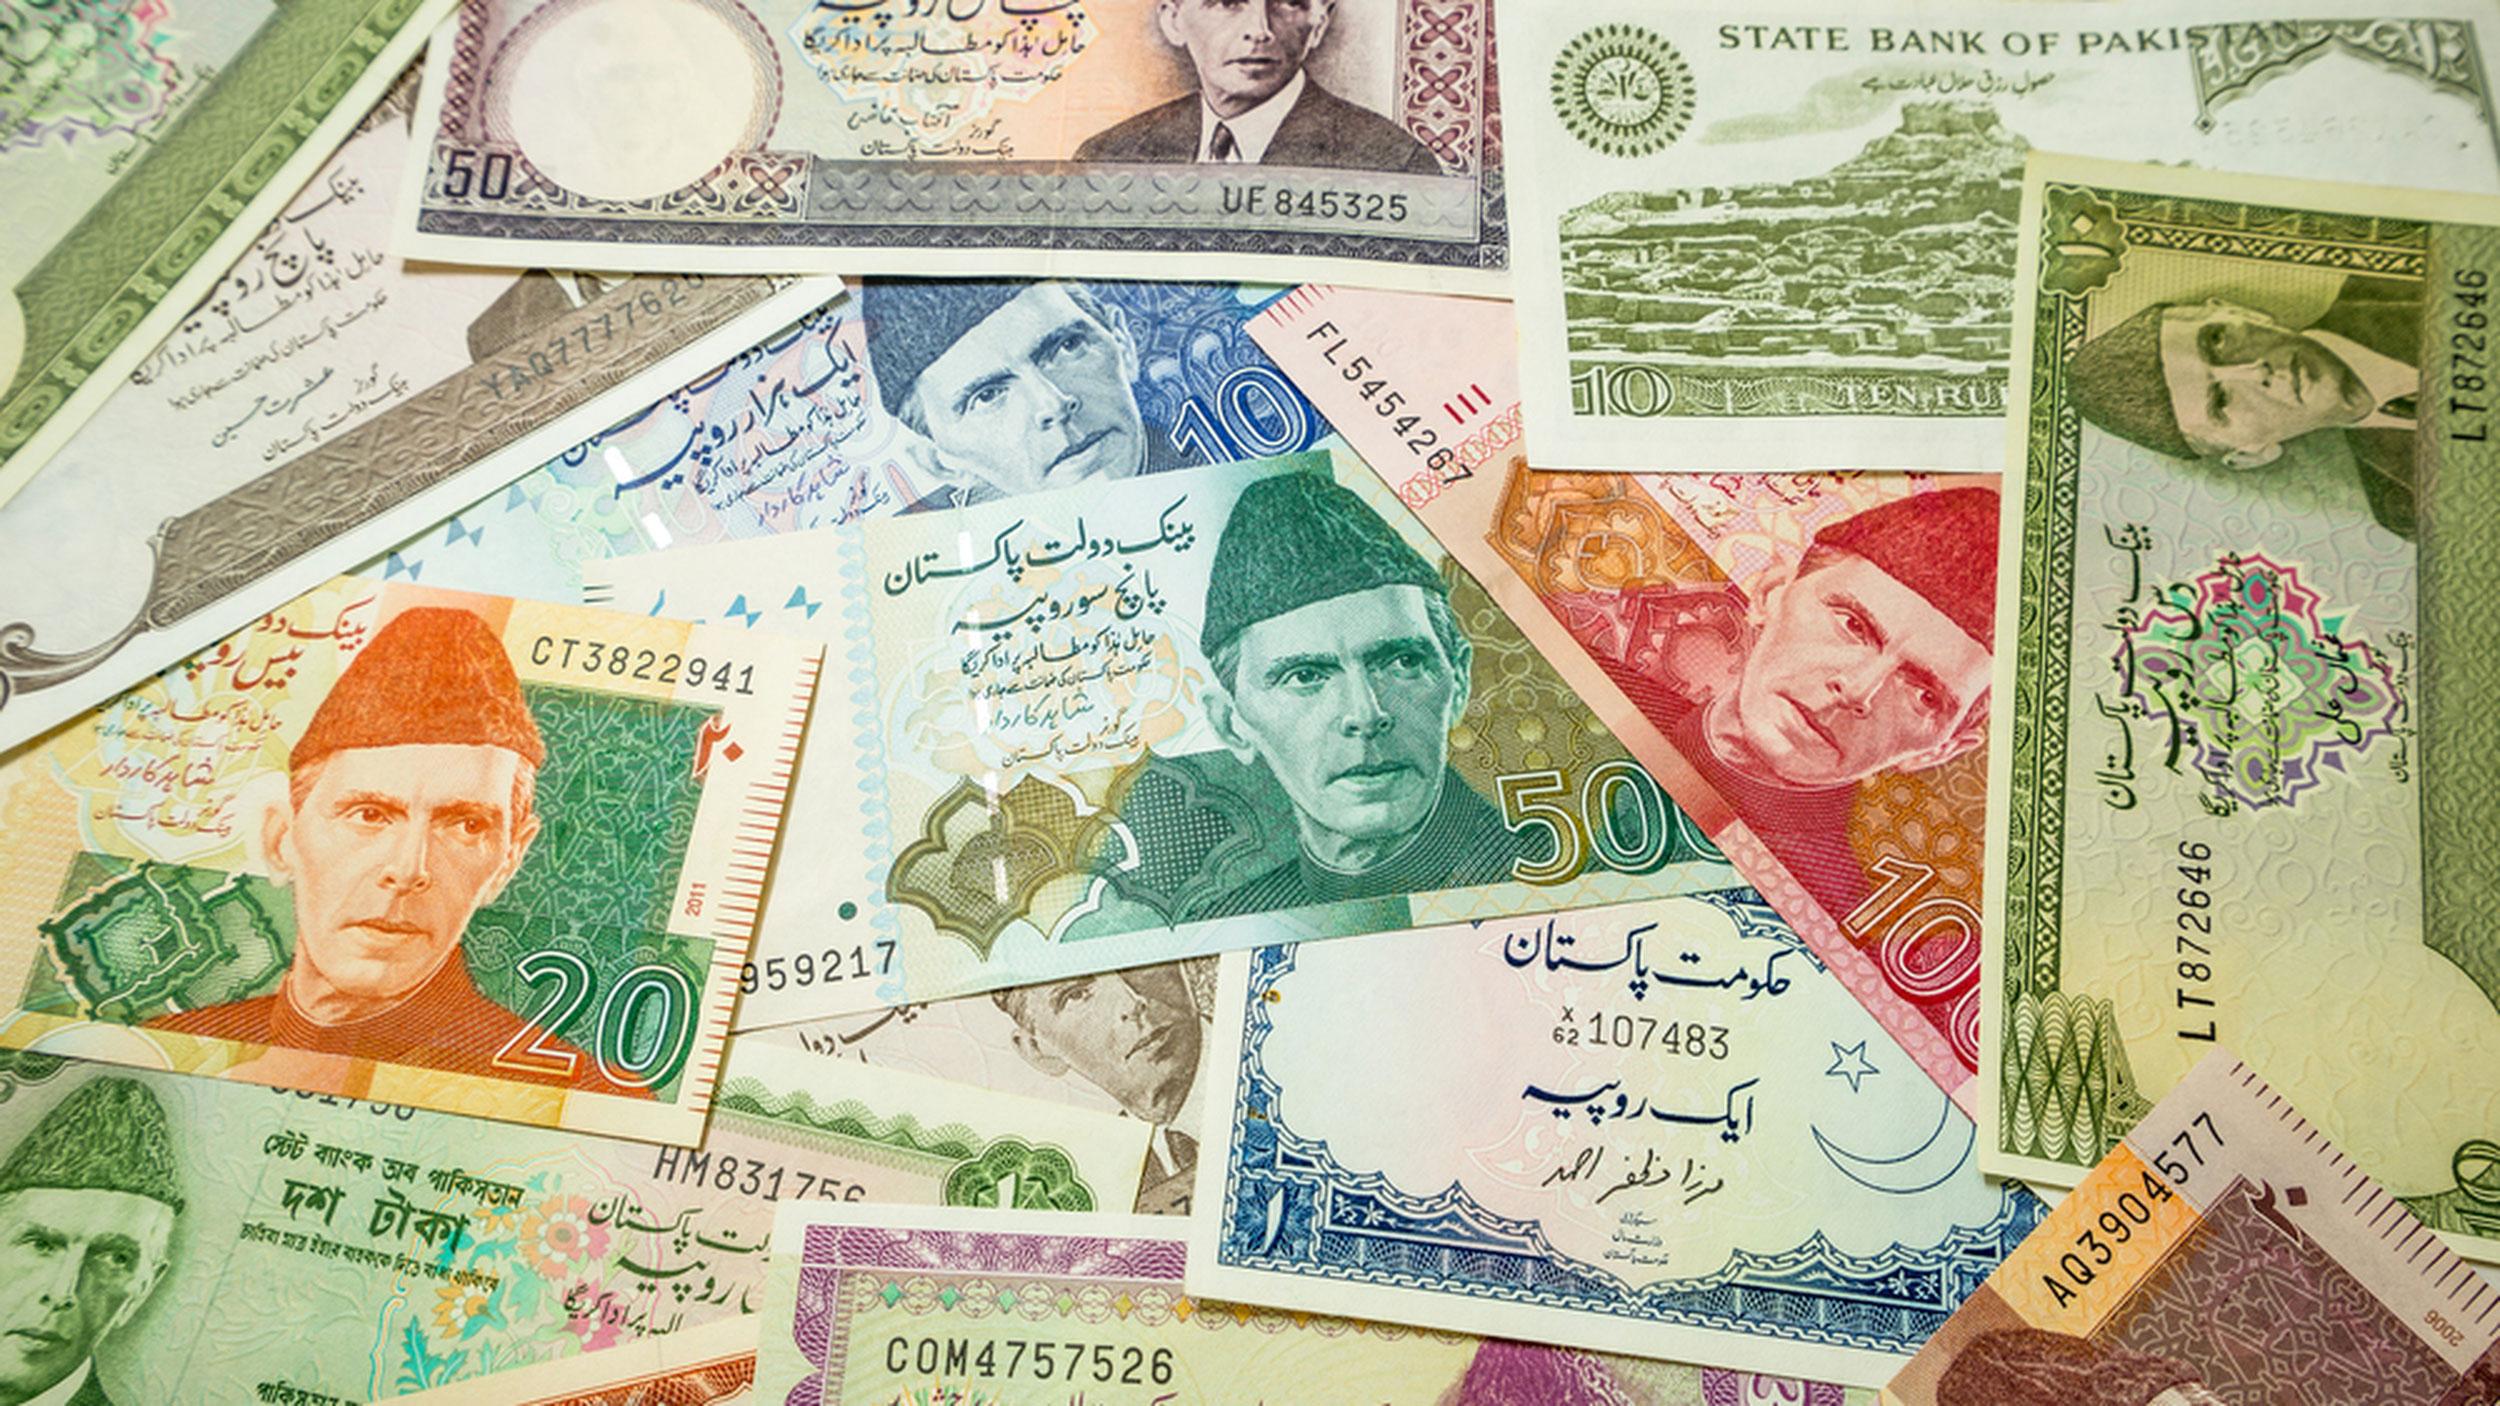 Terror funds heat on Pakistan